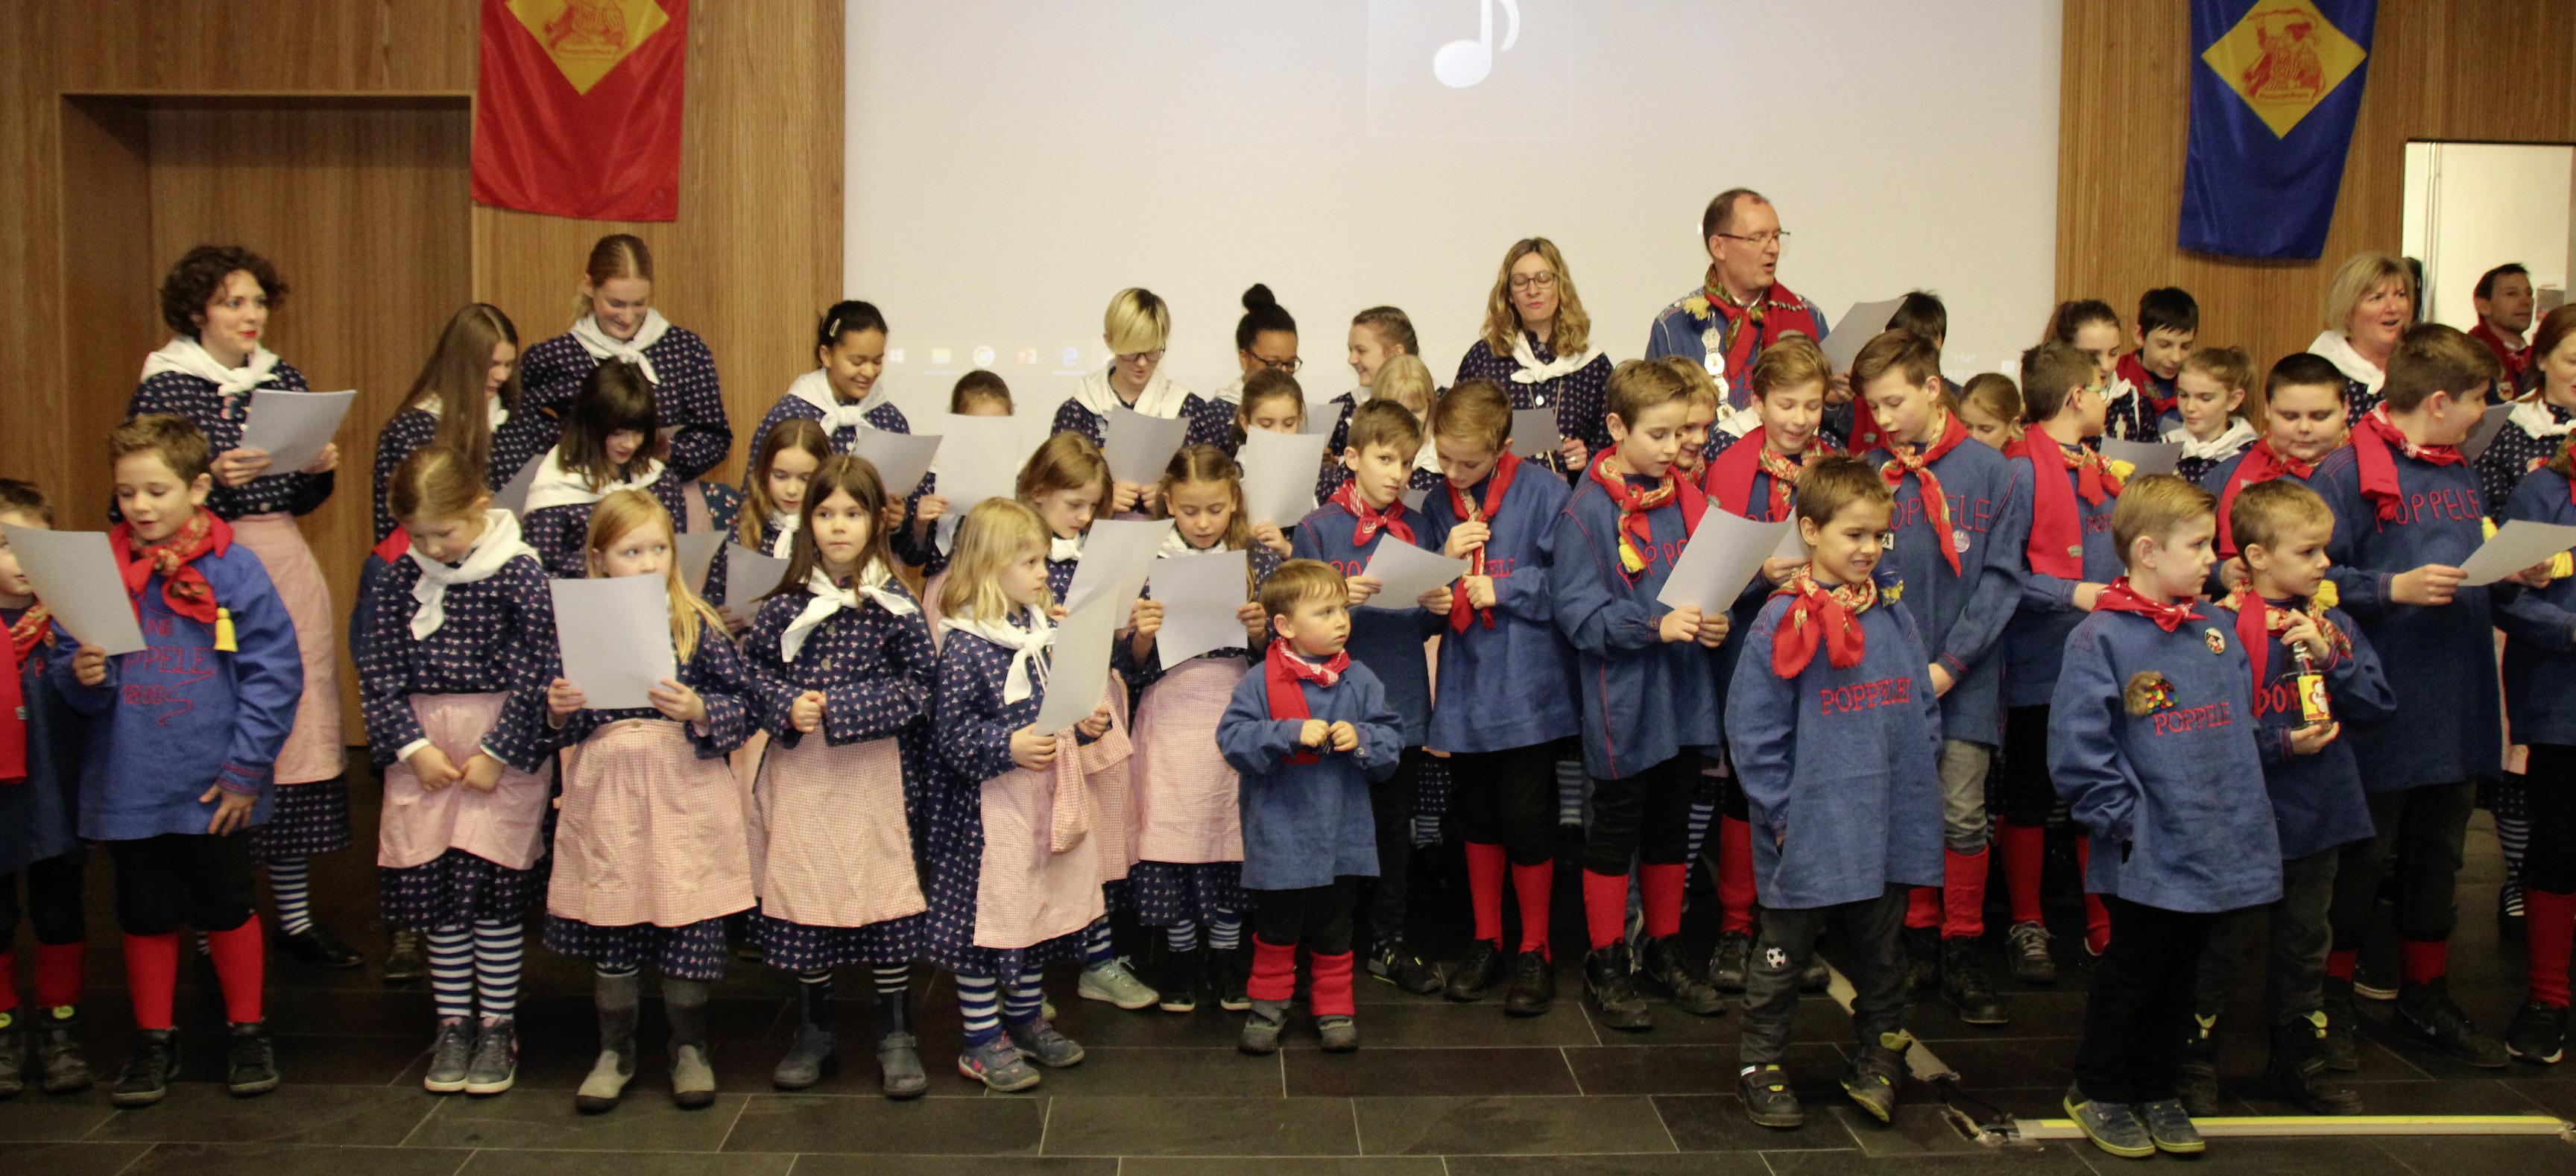 Singener Narren sind stolz auf ihre Poppele-Jugend